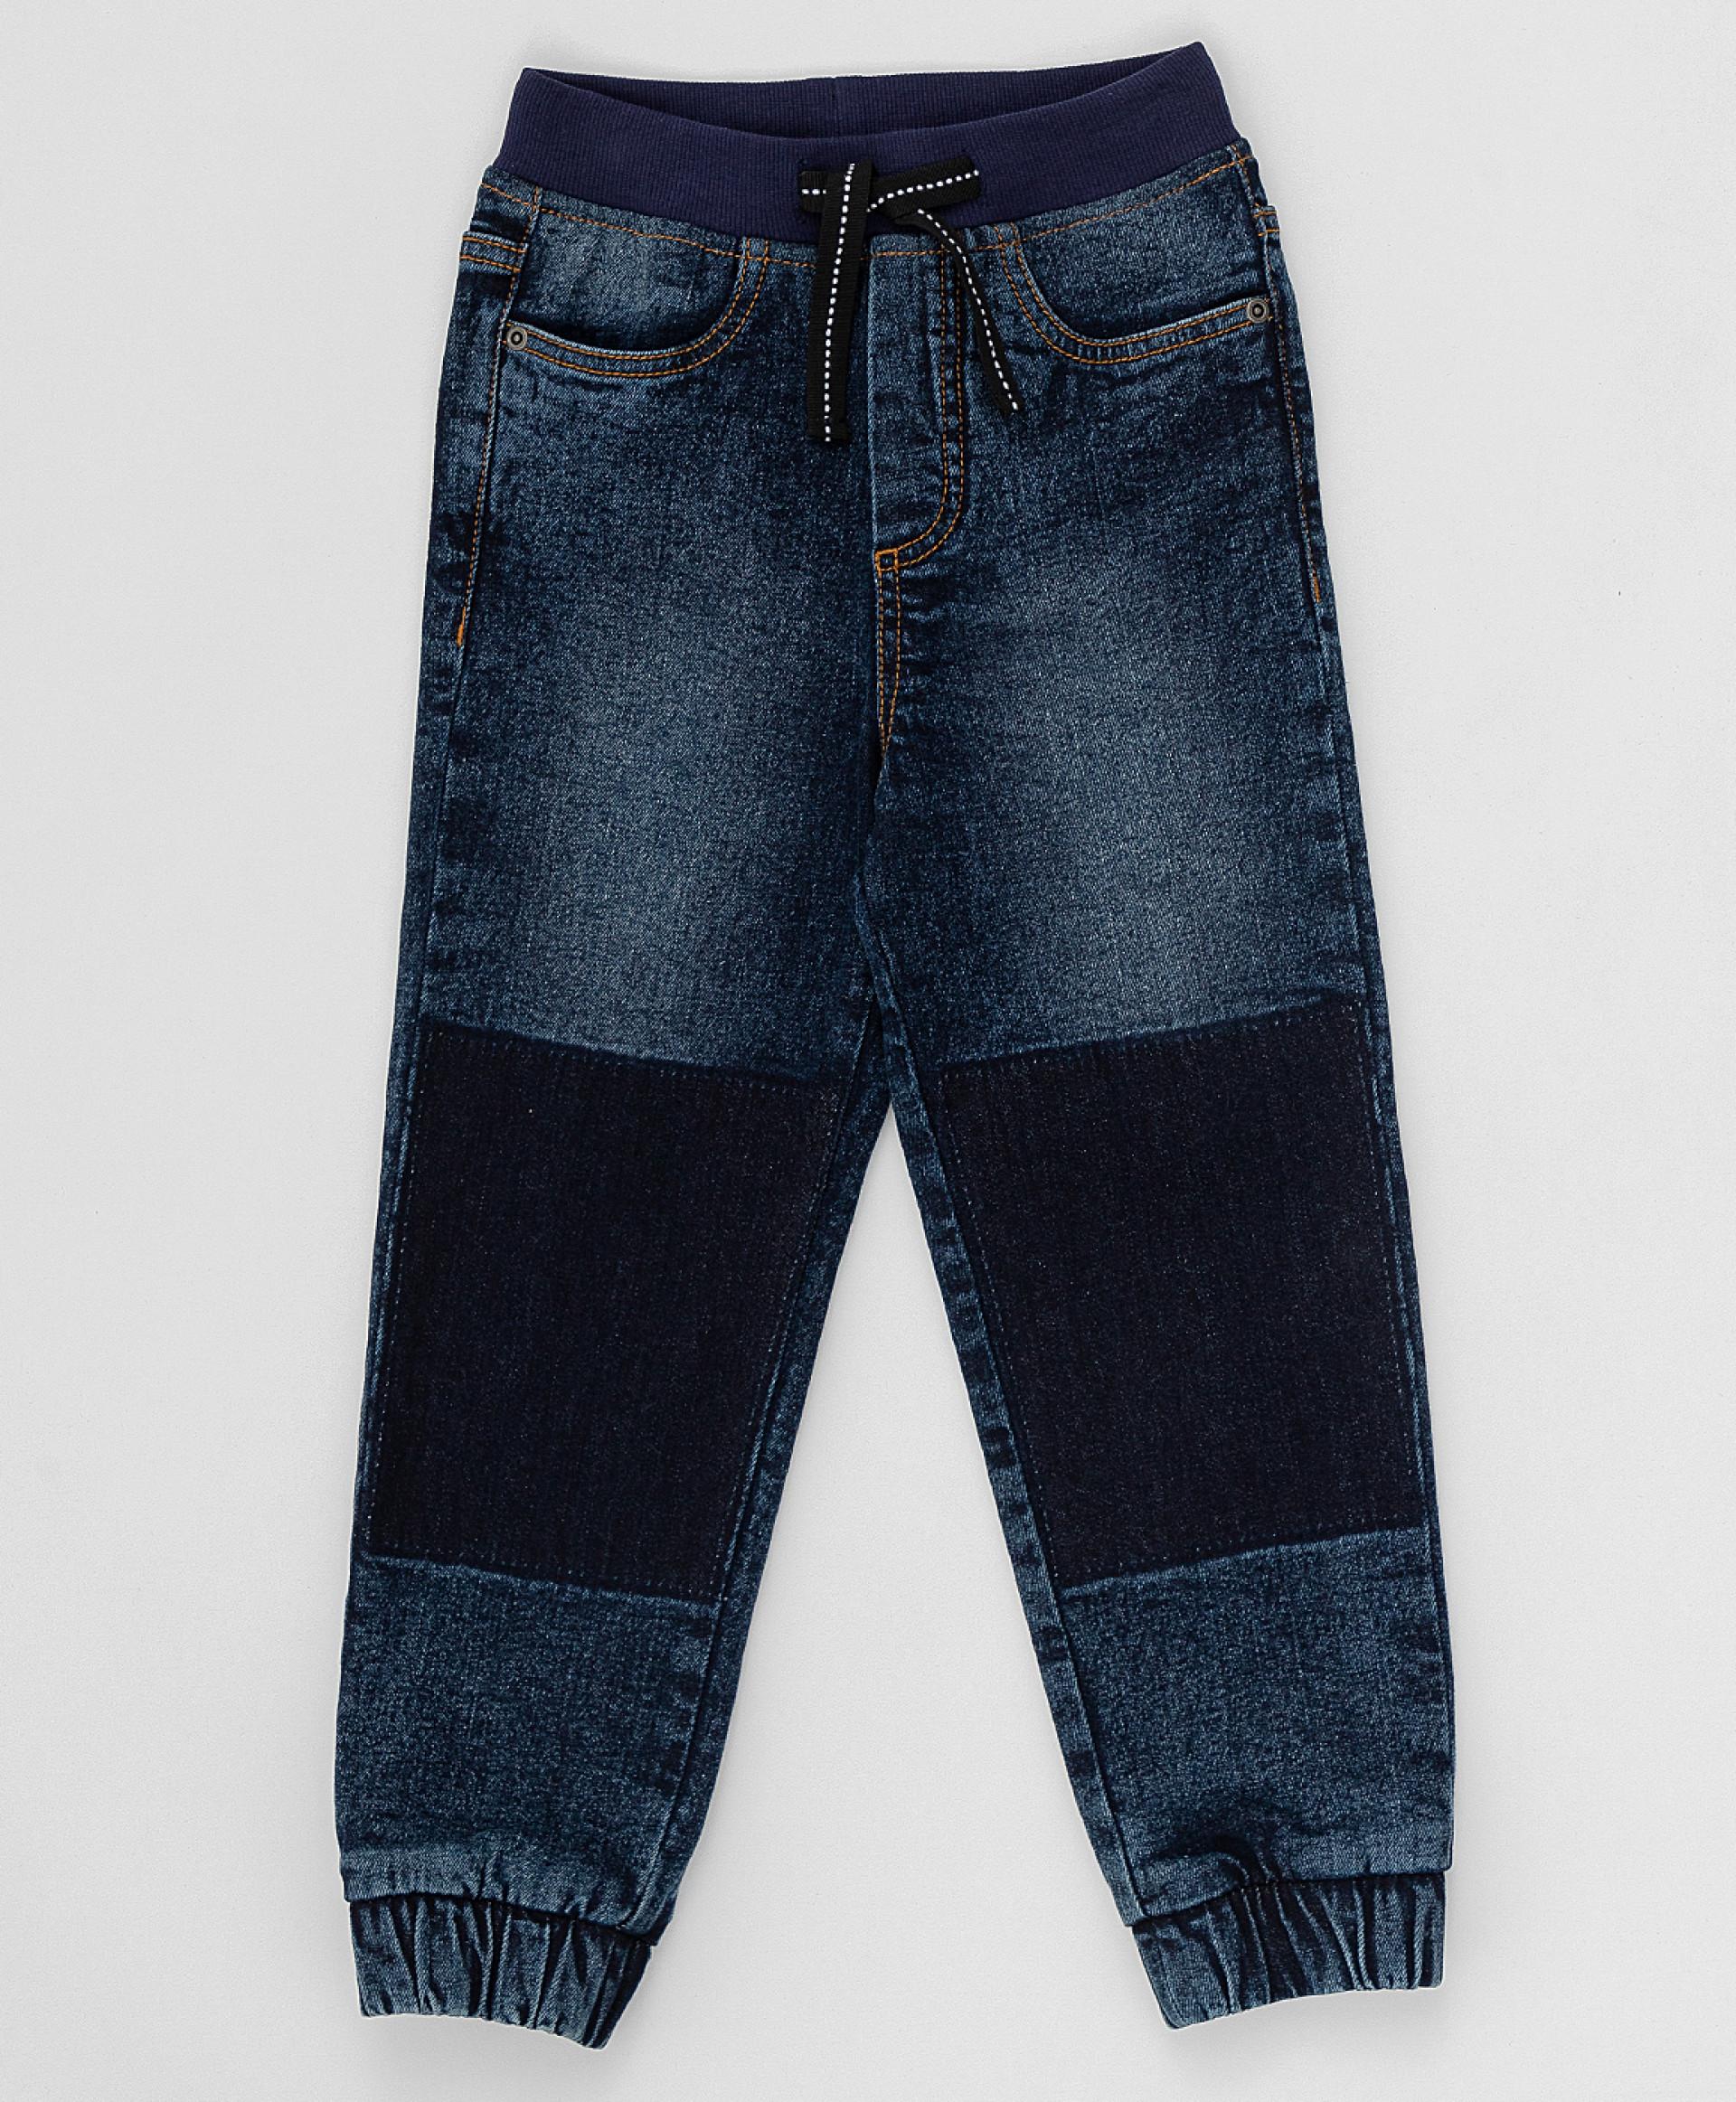 Купить Синие джинсы Button Blue, размер 122 220BBBMC6302D100,